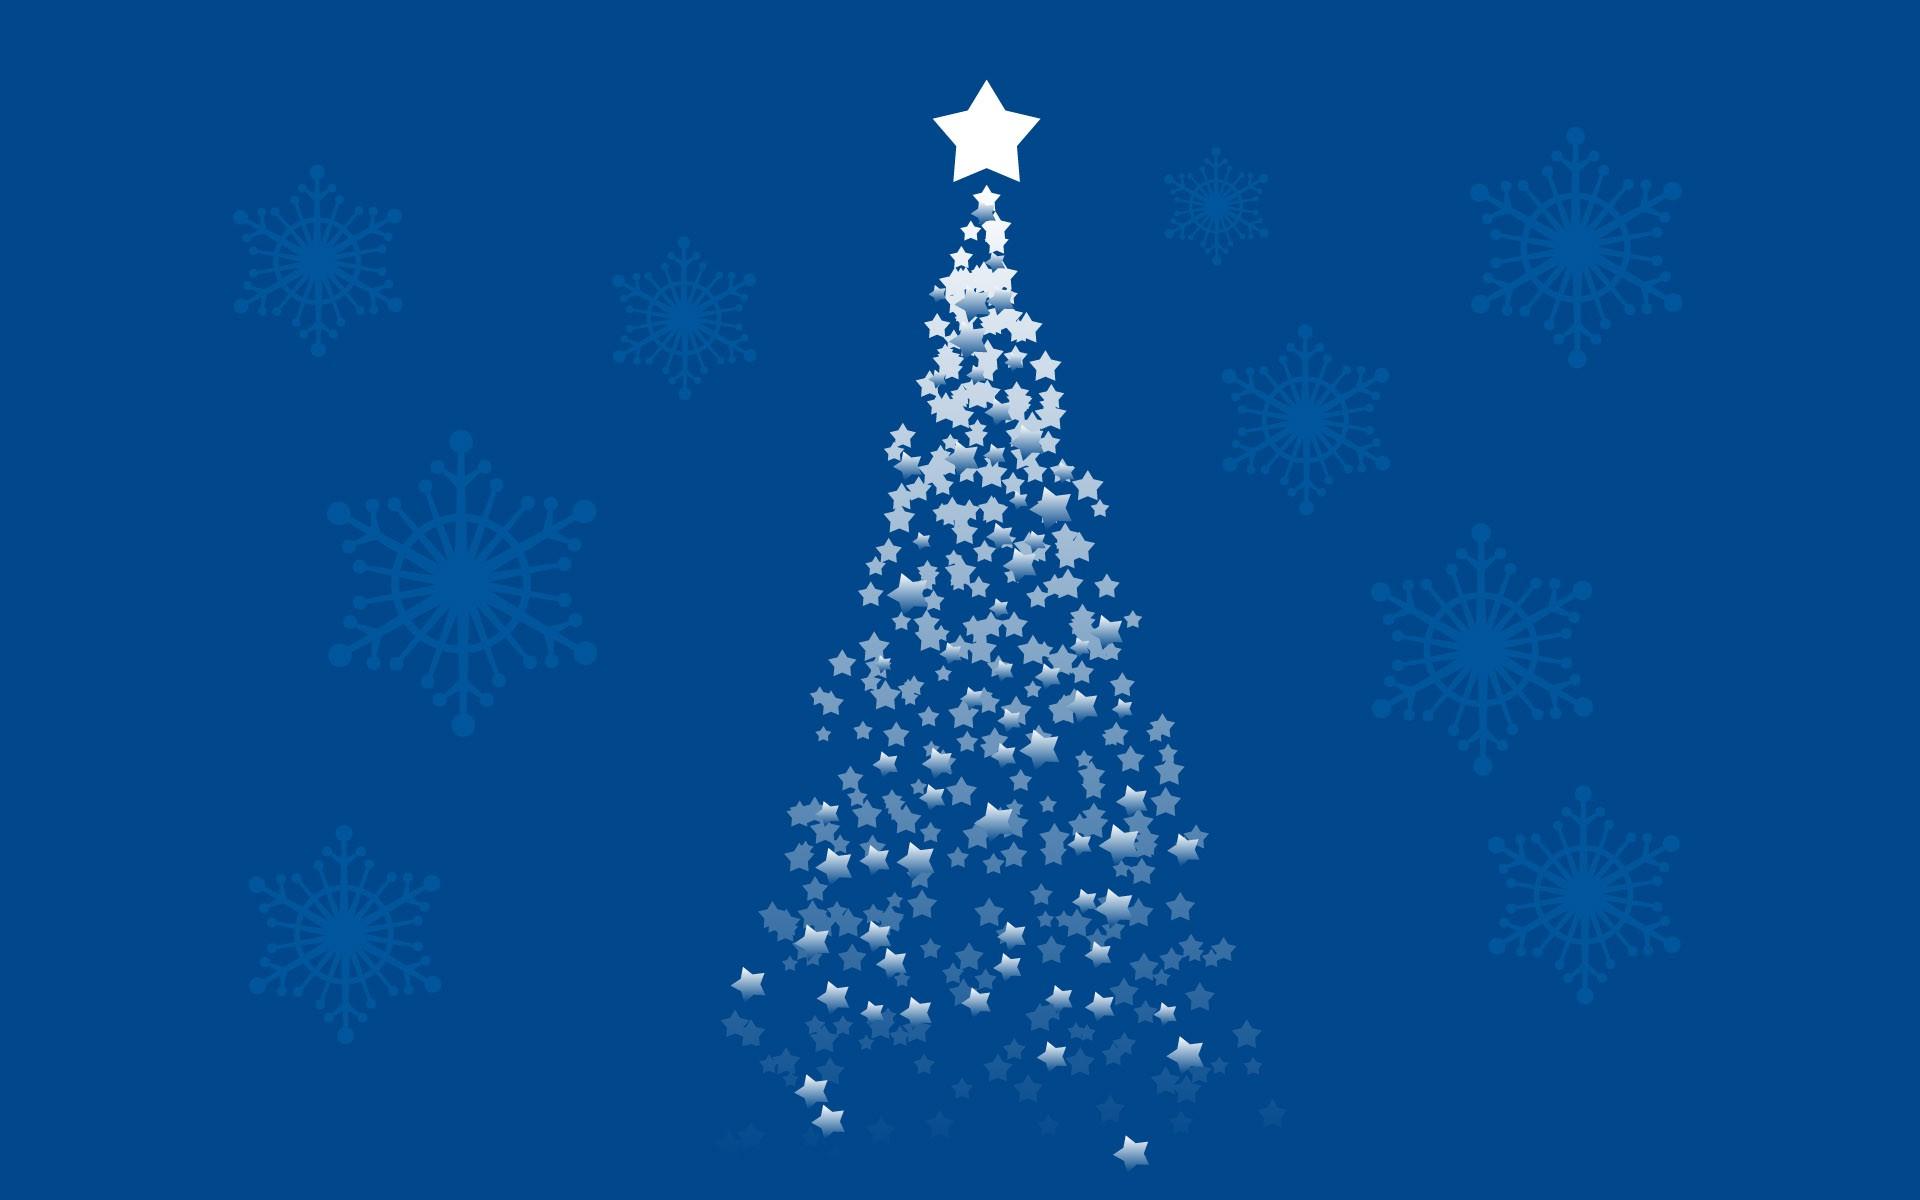 Hintergrundbilder : Himmel, Winter, blau, Fichte, Weihnachtsbaum ...